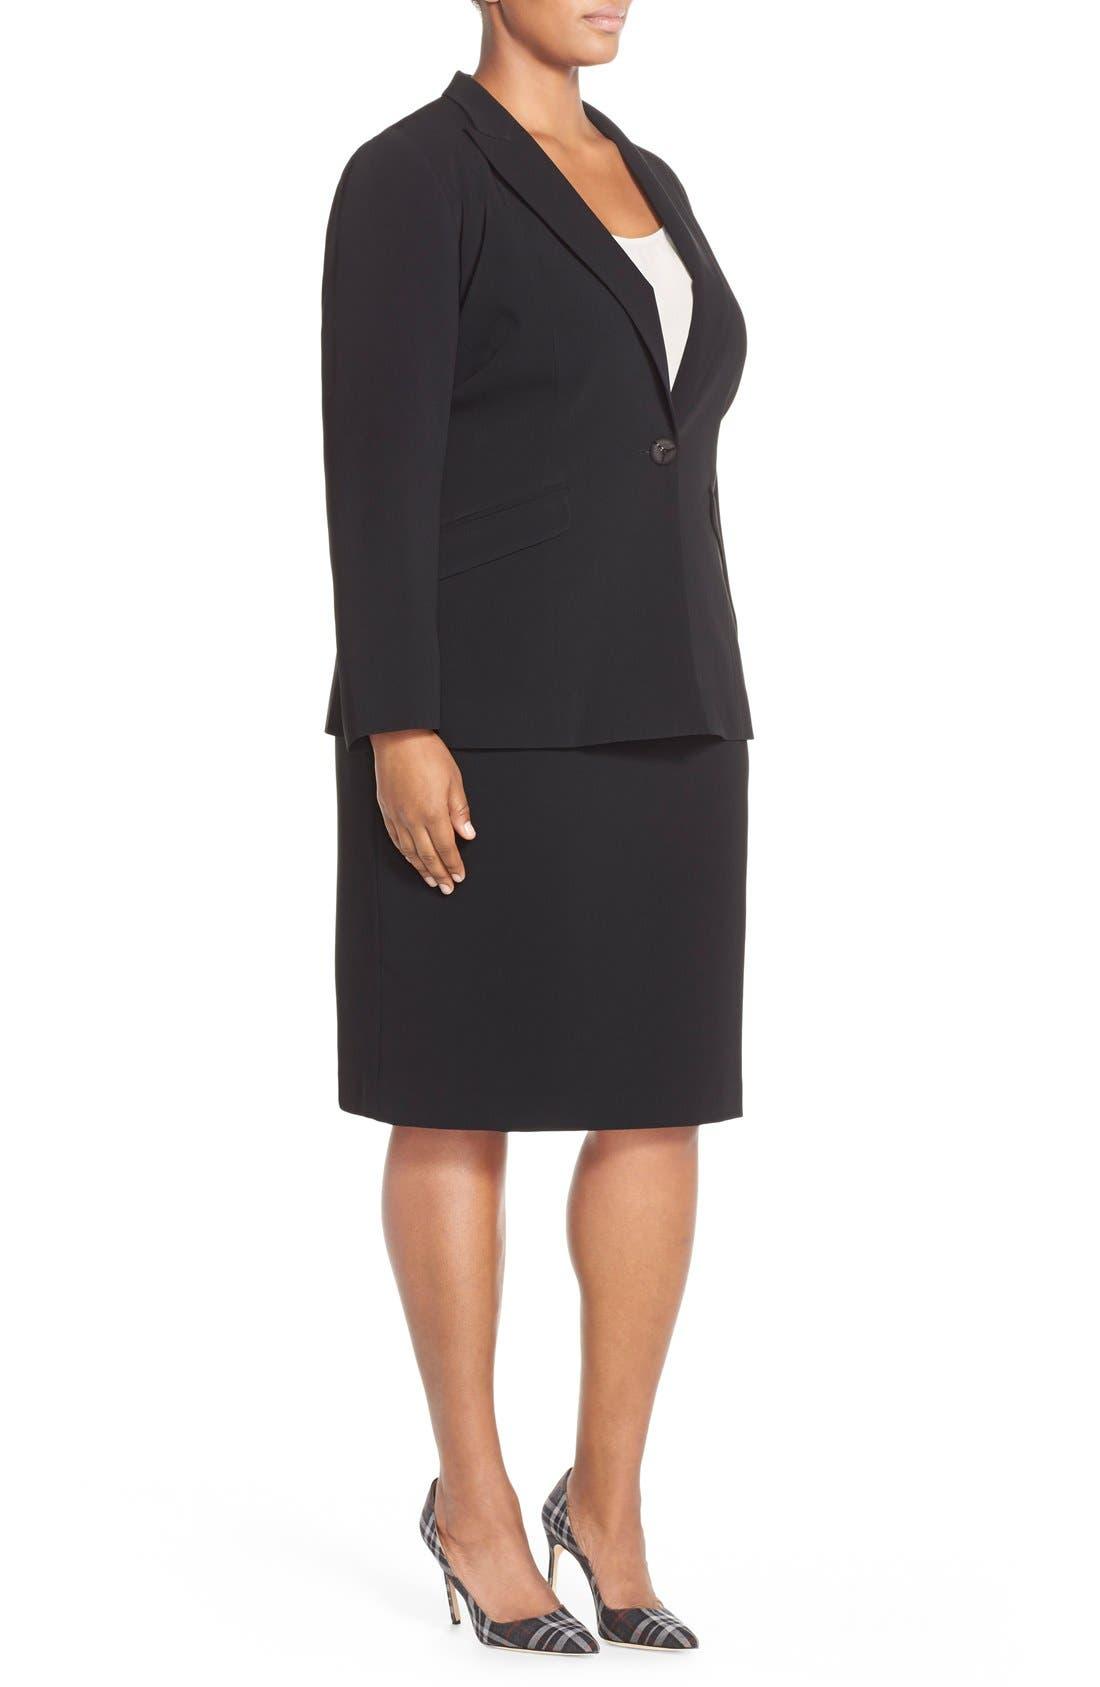 LOUBEN,                             Suit Pencil Skirt,                             Alternate thumbnail 5, color,                             BLACK